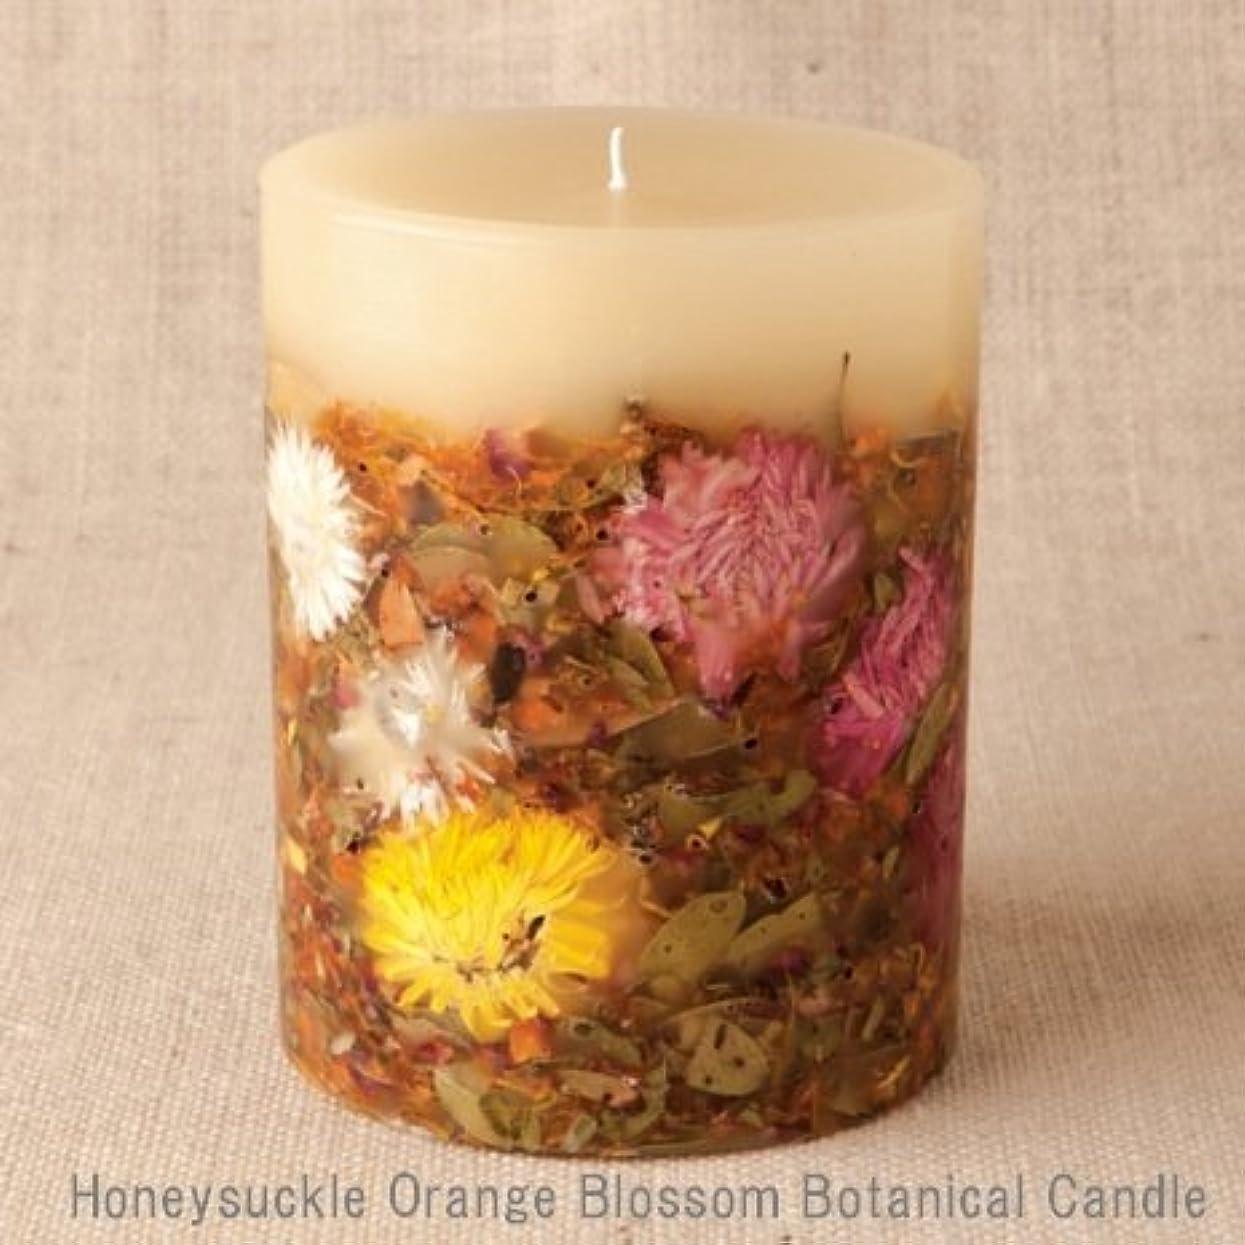 セーブ勝つ郊外【Rosy Rings ロージーリングス】 Botanical candle キャンドル ハニーサックルオレンジ&ブロッサム